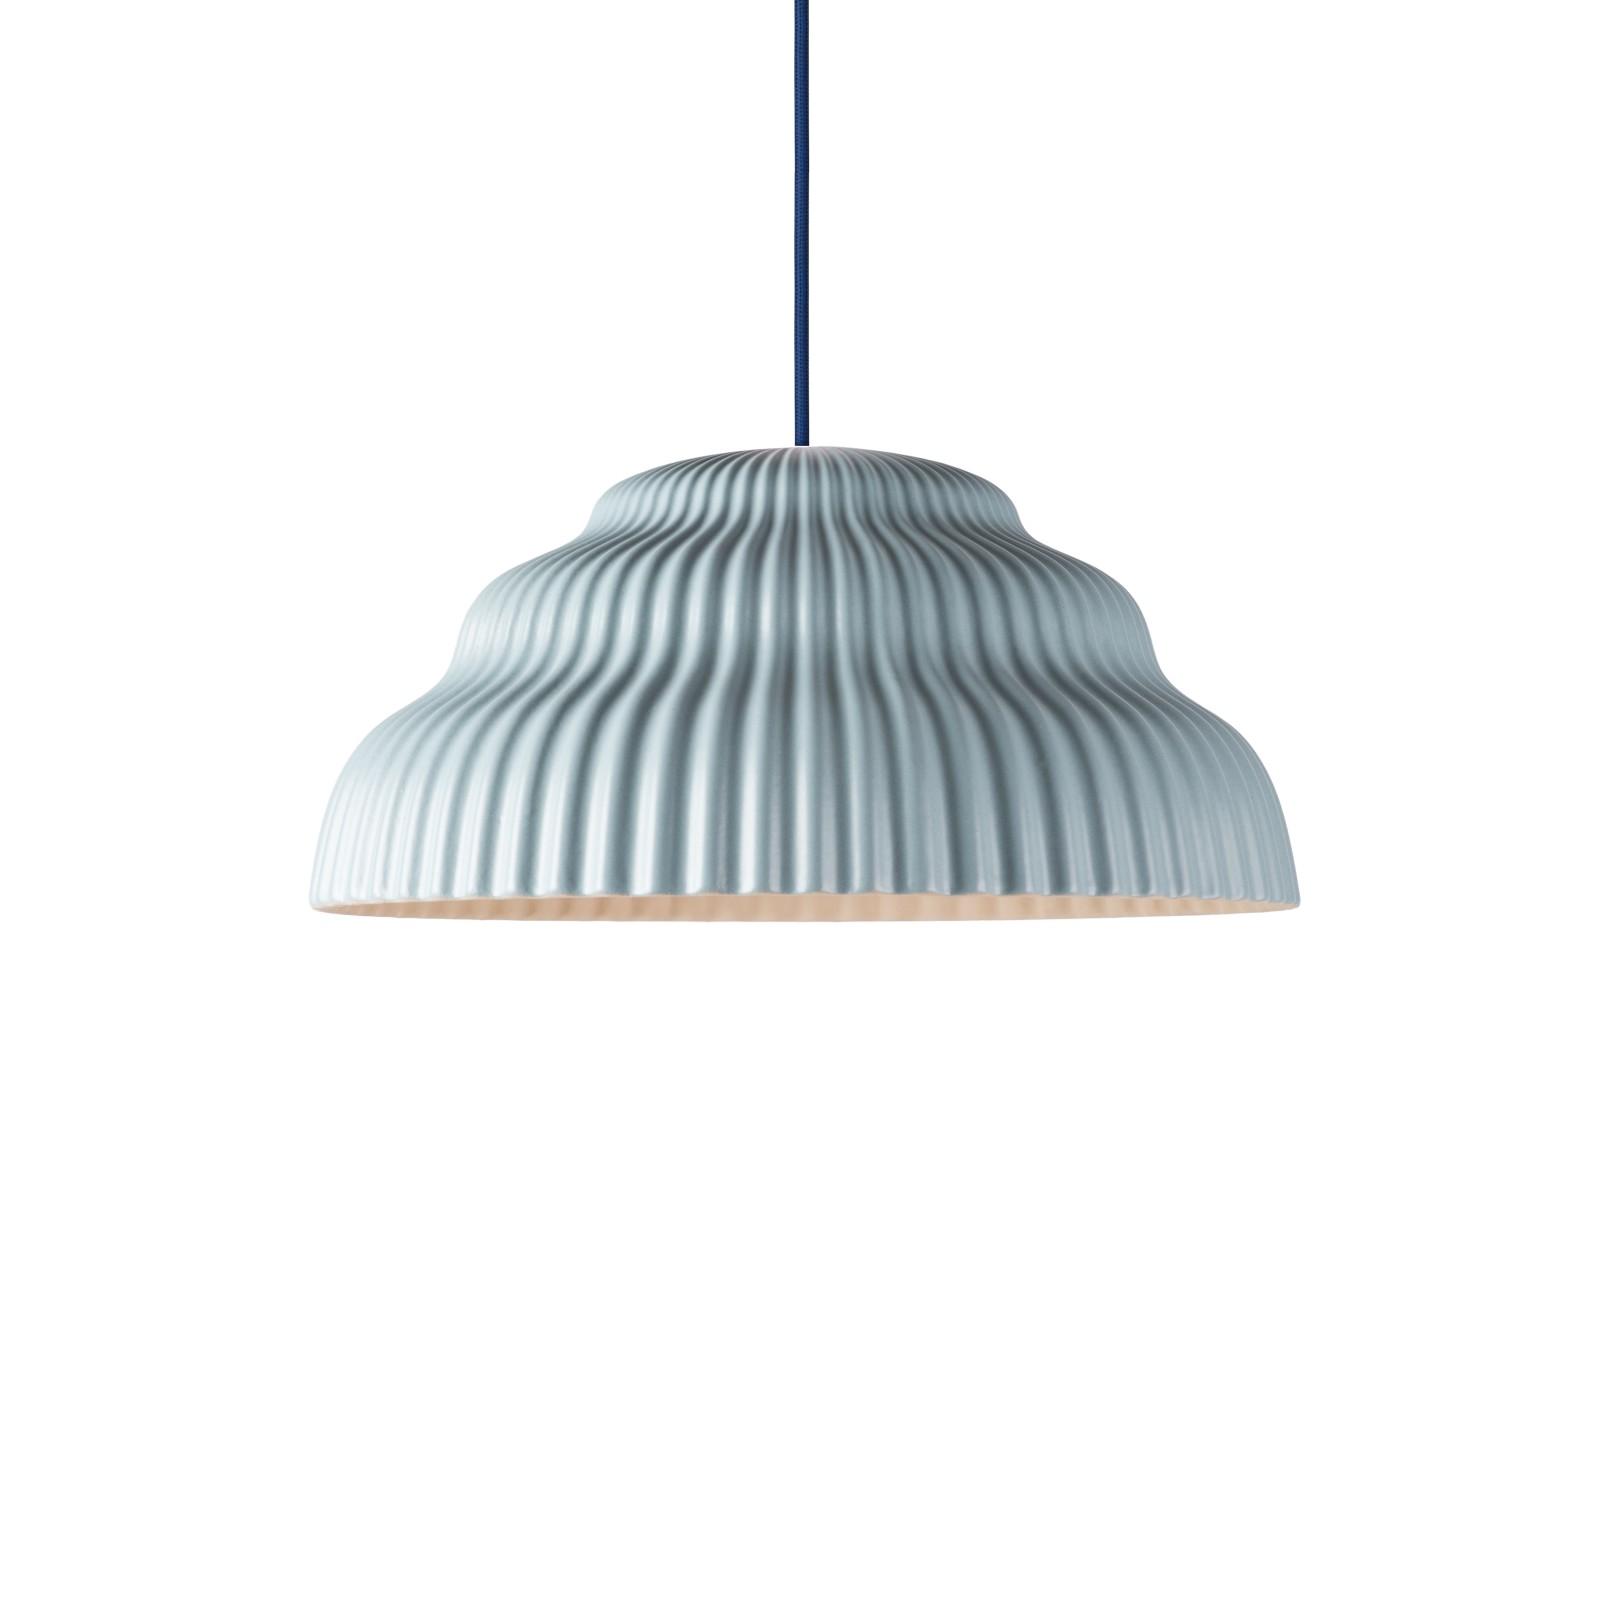 Kaskad Pendant Light 'small' Soft Mint